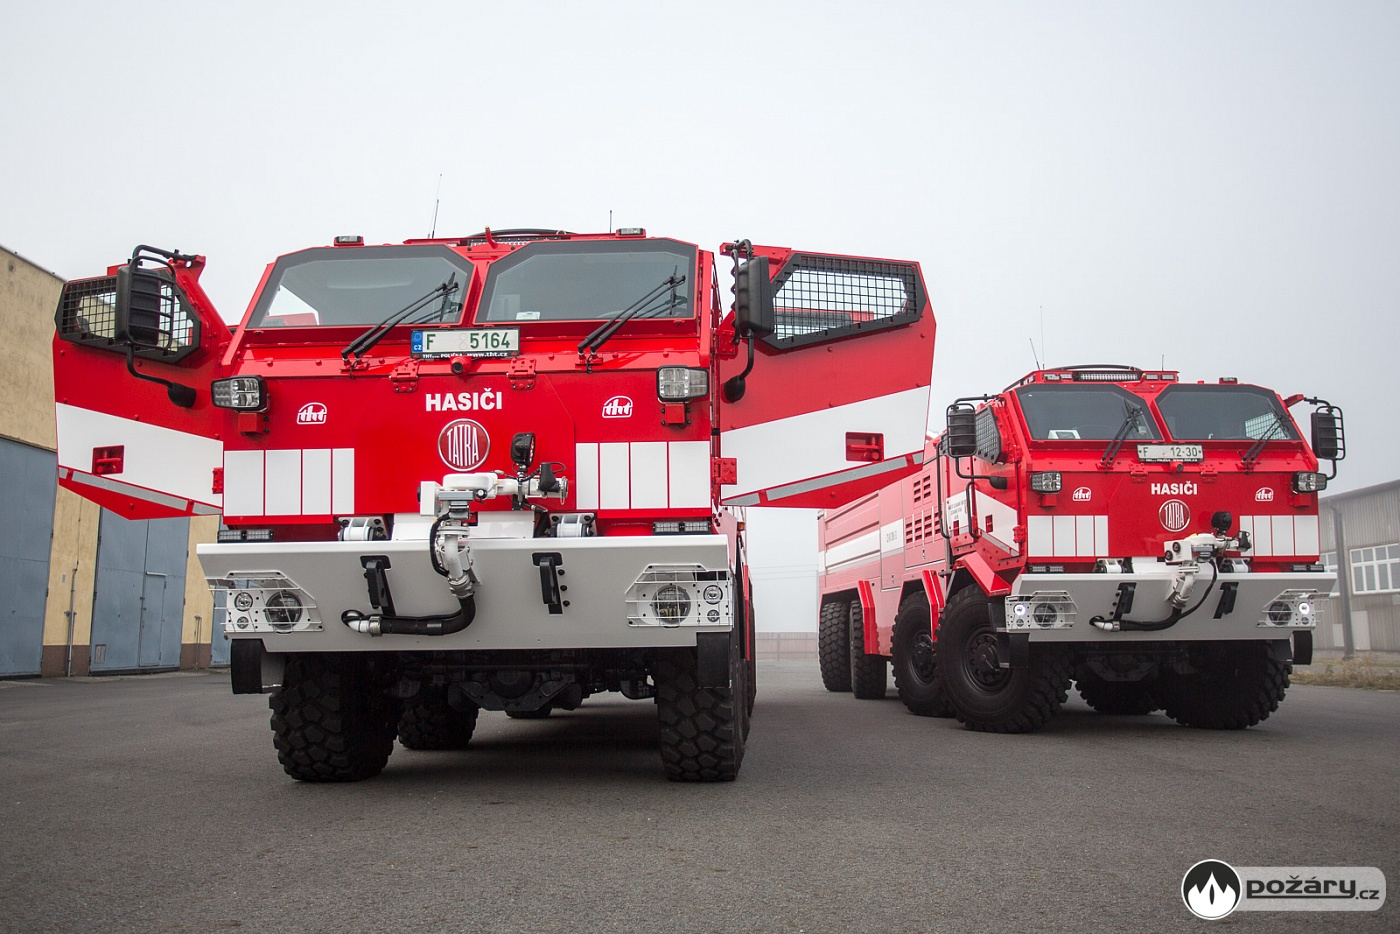 nejnovější hasičský vůz vnových barvách